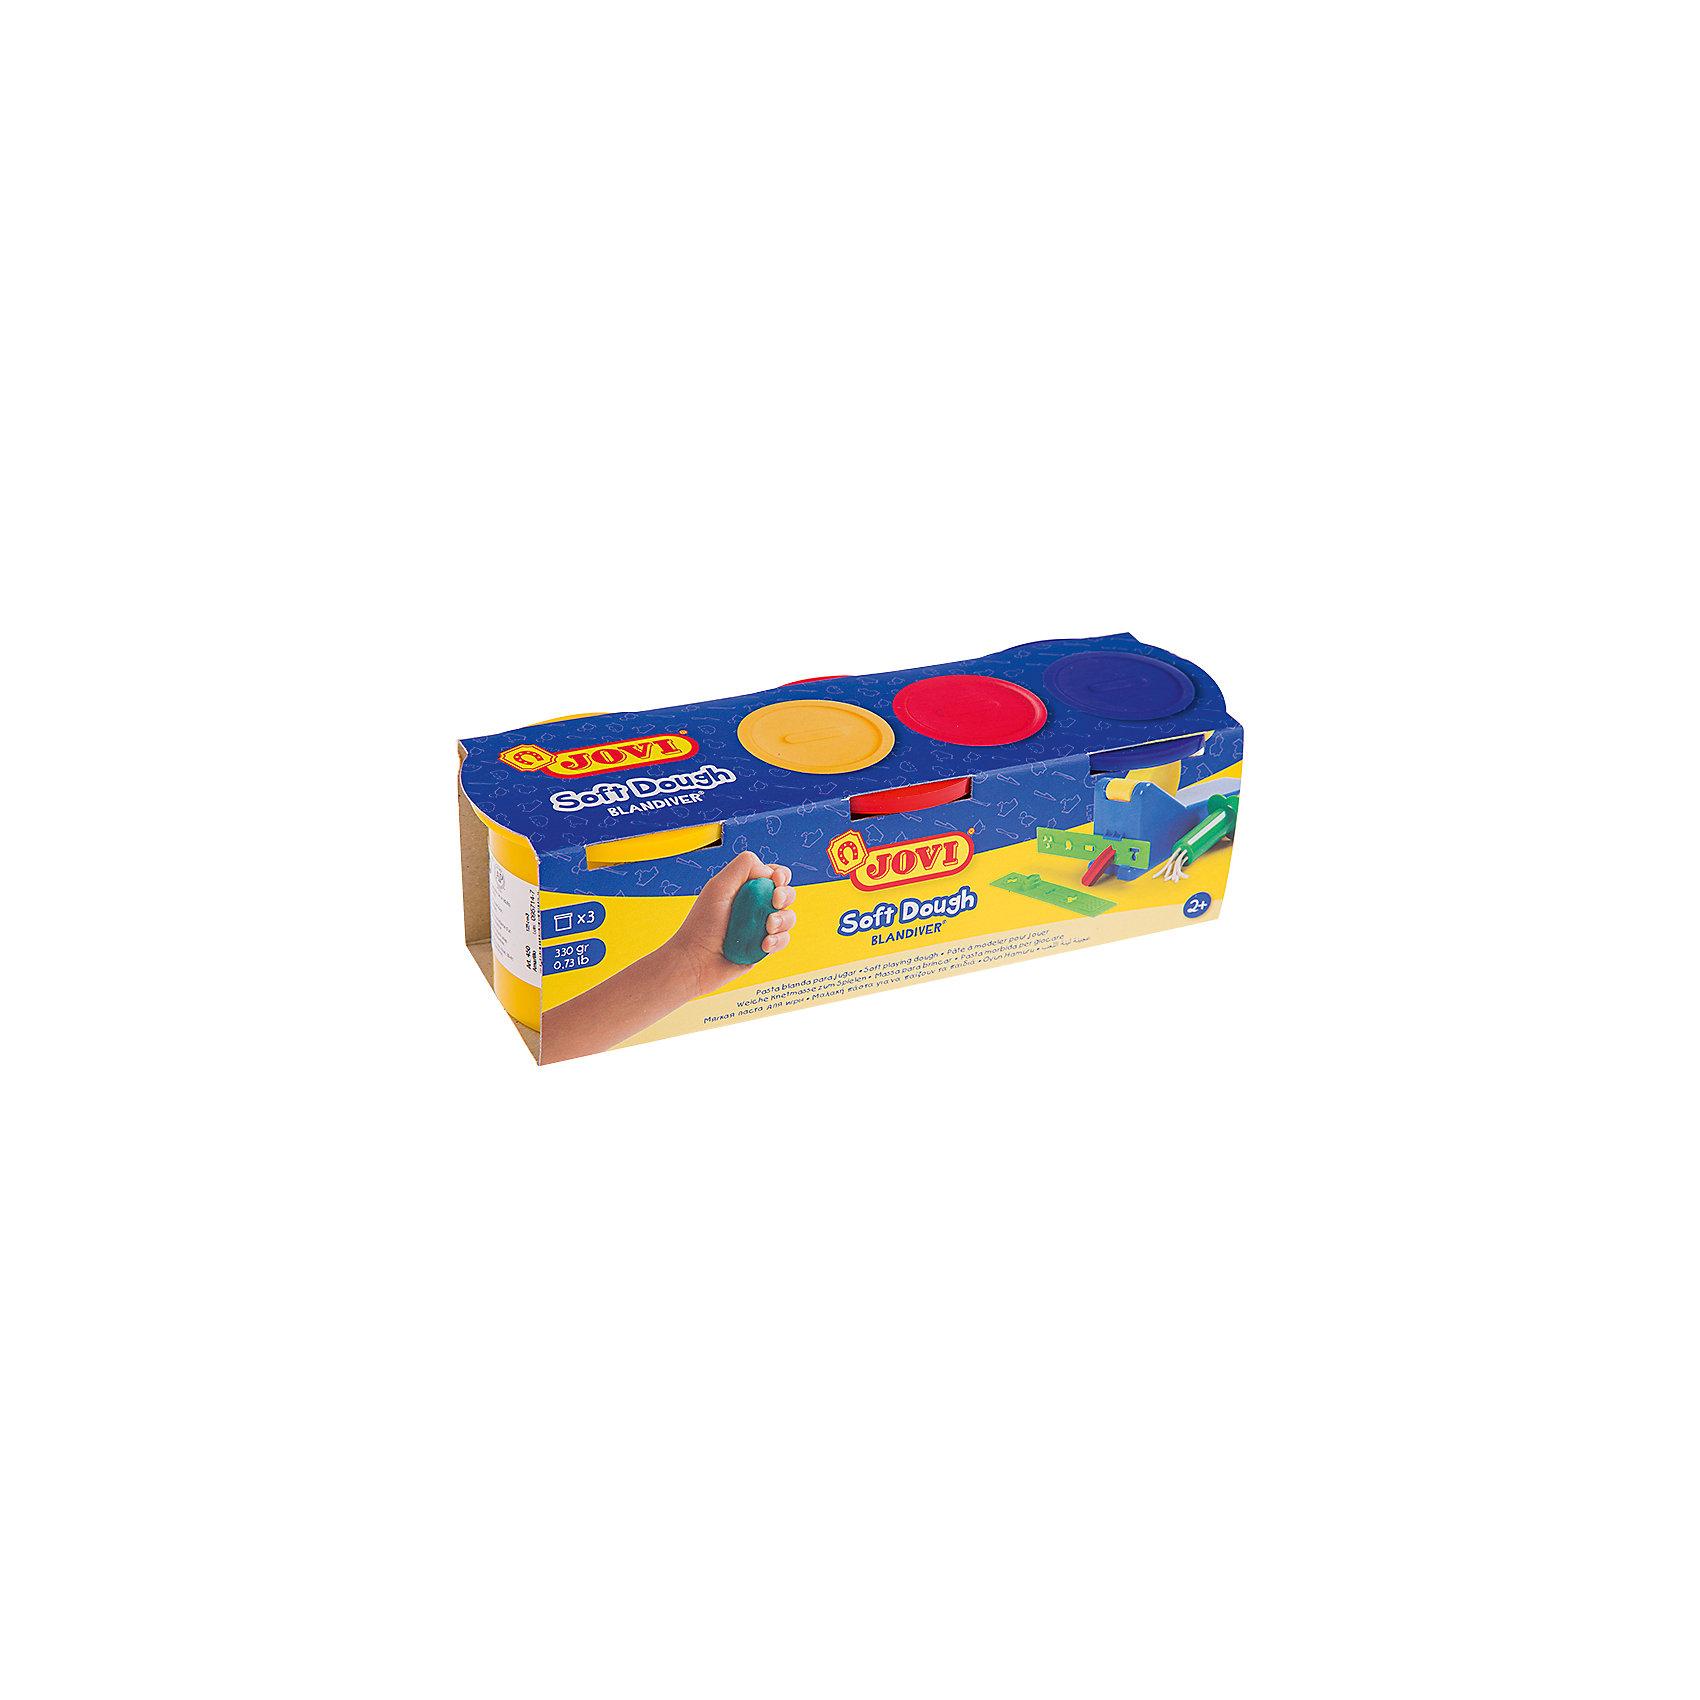 Тесто для лепки 3 цвета*110г JOVIТесто для лепки<br>Количество цветов: 3 <br>Вес нетто: 330<br>Возраст: старше 2 лет<br>Затвердевает на воздухе: да<br>Инструменты: нет<br>Формочки: нет<br>Упаковка ед. товара: картонная коробка<br>Blandiver - мягкая игровая детская паста для лепки с малышами (аналог соленого теста). Сертифицирована от 2х лет. Натуральный продукт на основе муки, соли и воды. Безвредная, но с неприятным соленым вкусом. Супер мягкая, очень свежая по текстуре,приятная на ощупь, не липкая. Пищевые красители, исключительно безопасный состав. Не имеет химического запаха. Паста легко принимает нужную форму, идеально подходит для маленьких слабых детских рук и предназначена для знакомства ребенка с лепкой и создания простых фигурок руками или с помощью формочек и экструдеров. Помогает развивать мелкую моторику, воображение и интуицию ребенка. Затвердевает на воздухе, сохраняет яркий цвет. Три ярких цвета из основной палитры - желтый, красный, синий по 110 гр в банках емкостью 125 мл. После высыхания паста легко снимается влажной губкой или щеткой с одежды, ковров и др. поверхностей, не оставляя следов. Страна производства Испания.<br><br>Ширина мм: 170<br>Глубина мм: 110<br>Высота мм: 40<br>Вес г: 443<br>Возраст от месяцев: 24<br>Возраст до месяцев: 2147483647<br>Пол: Унисекс<br>Возраст: Детский<br>SKU: 7044267